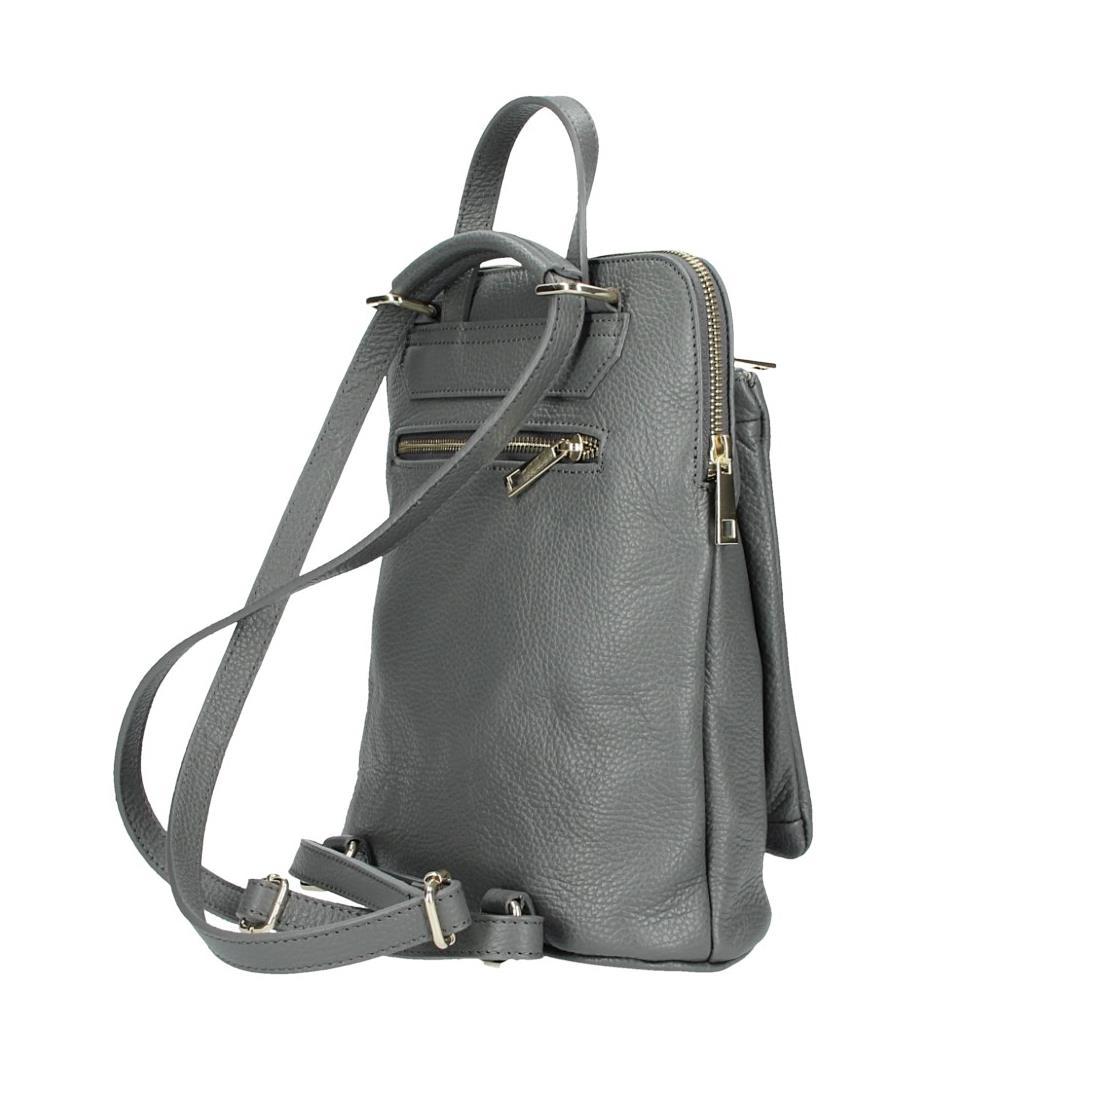 ITALy-DAMEN-LEDER-Reise-RUCKSACK-SchulterTasche-Shopper-Backpack-Ledertasche-BAG Indexbild 74